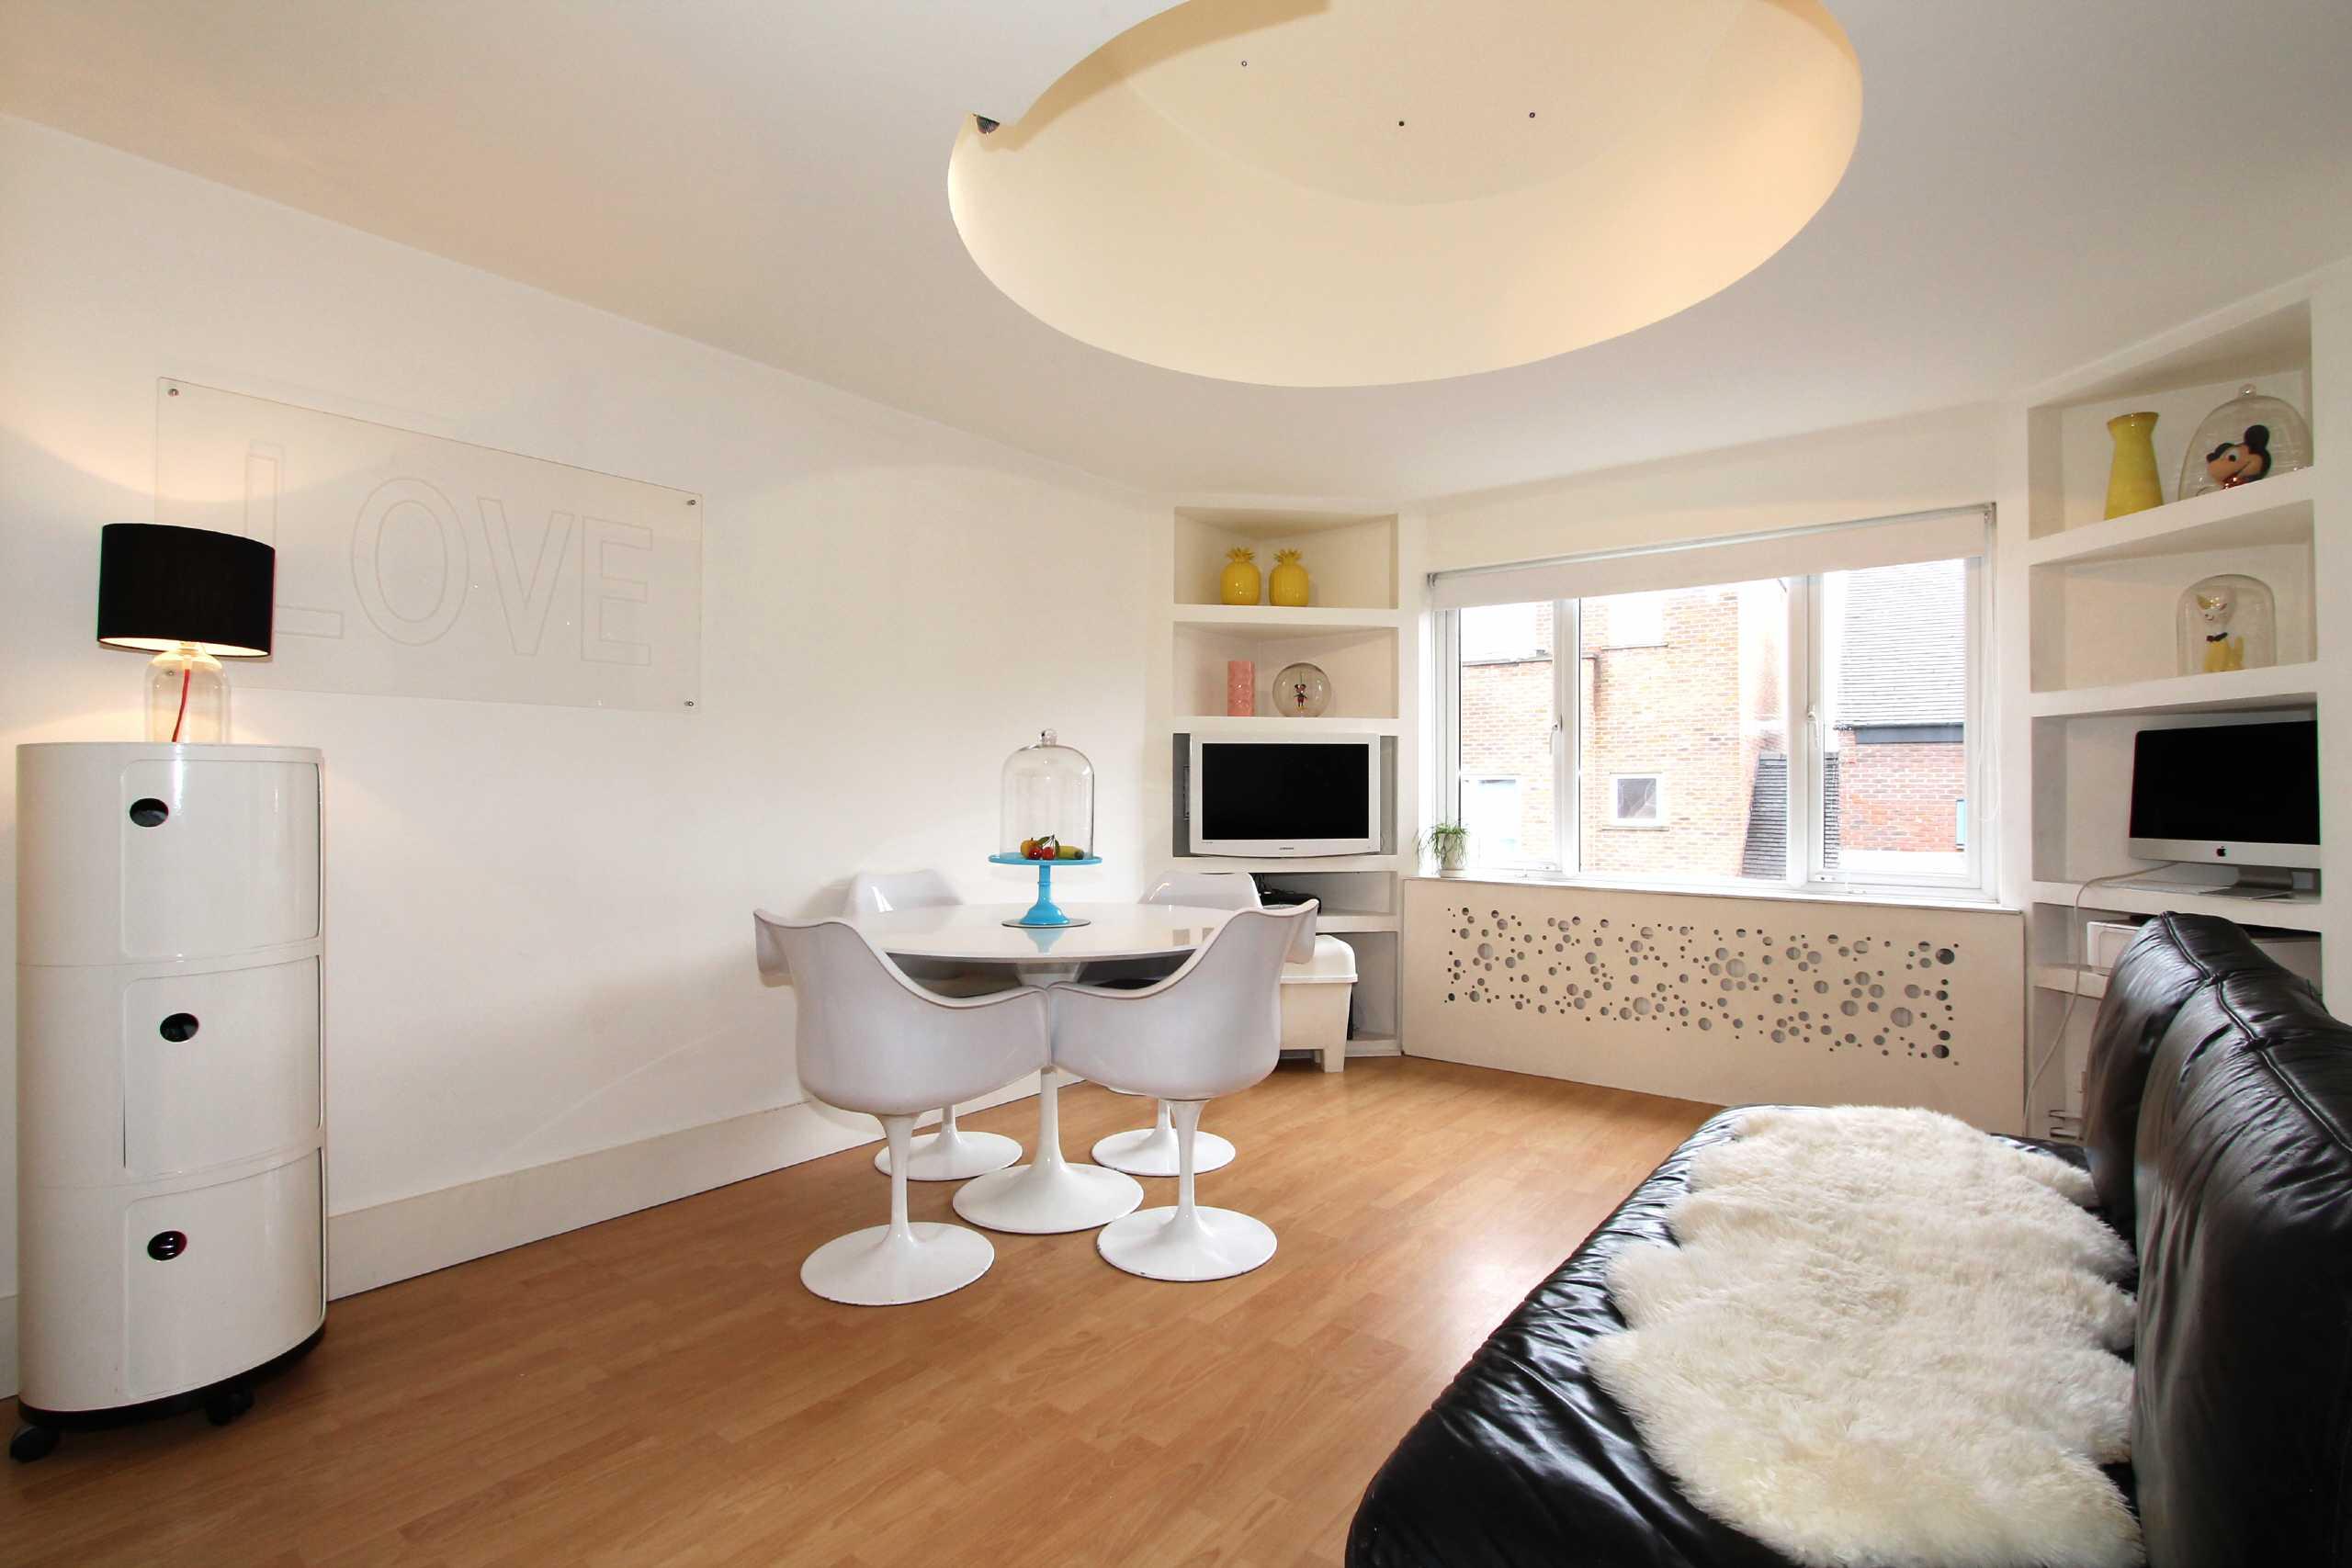 appartamenti londra birck lane sal1